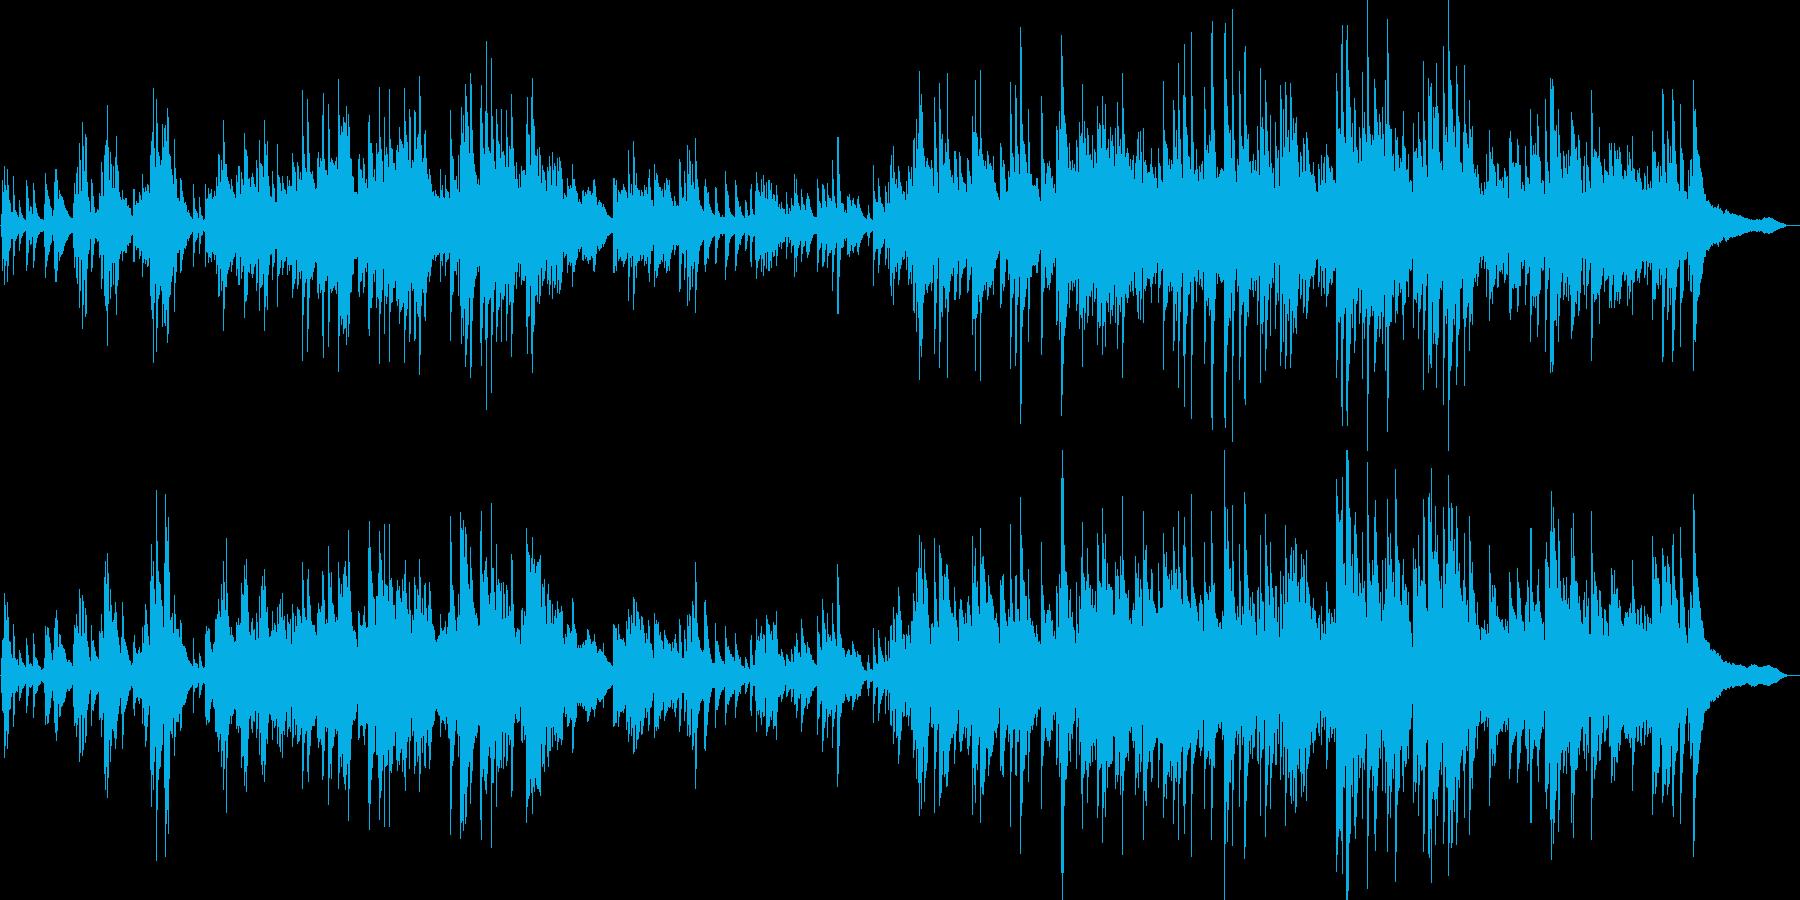 生演奏 切なく感動的なピアノソロの再生済みの波形